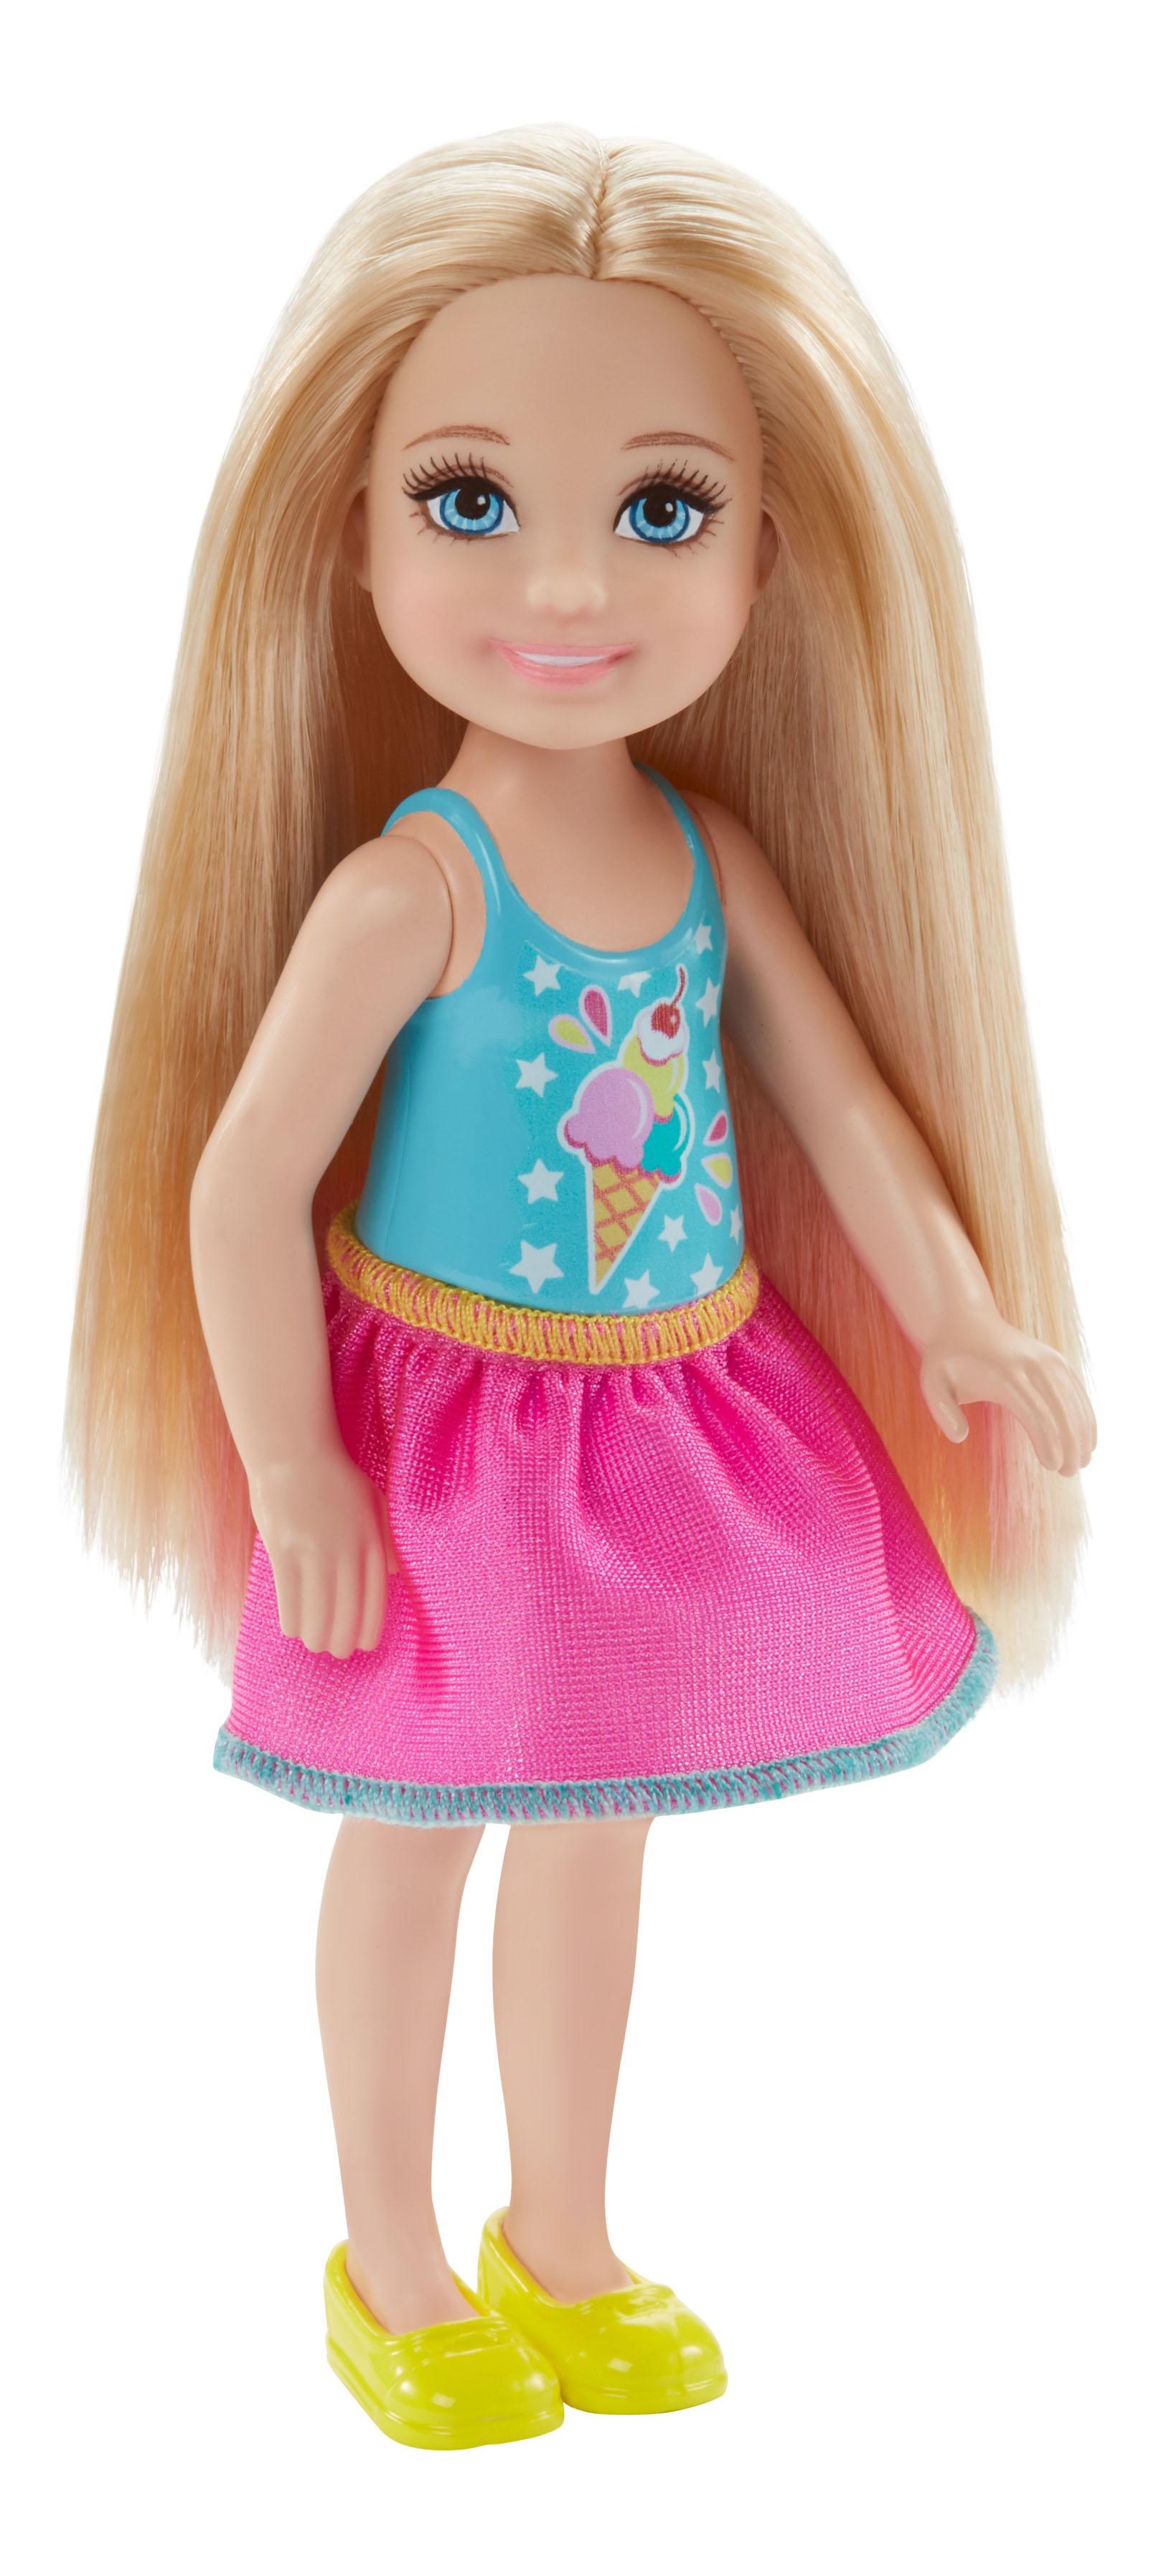 Купить Кукла Barbie Челси DWJ33 DWJ27, Куклы Barbie